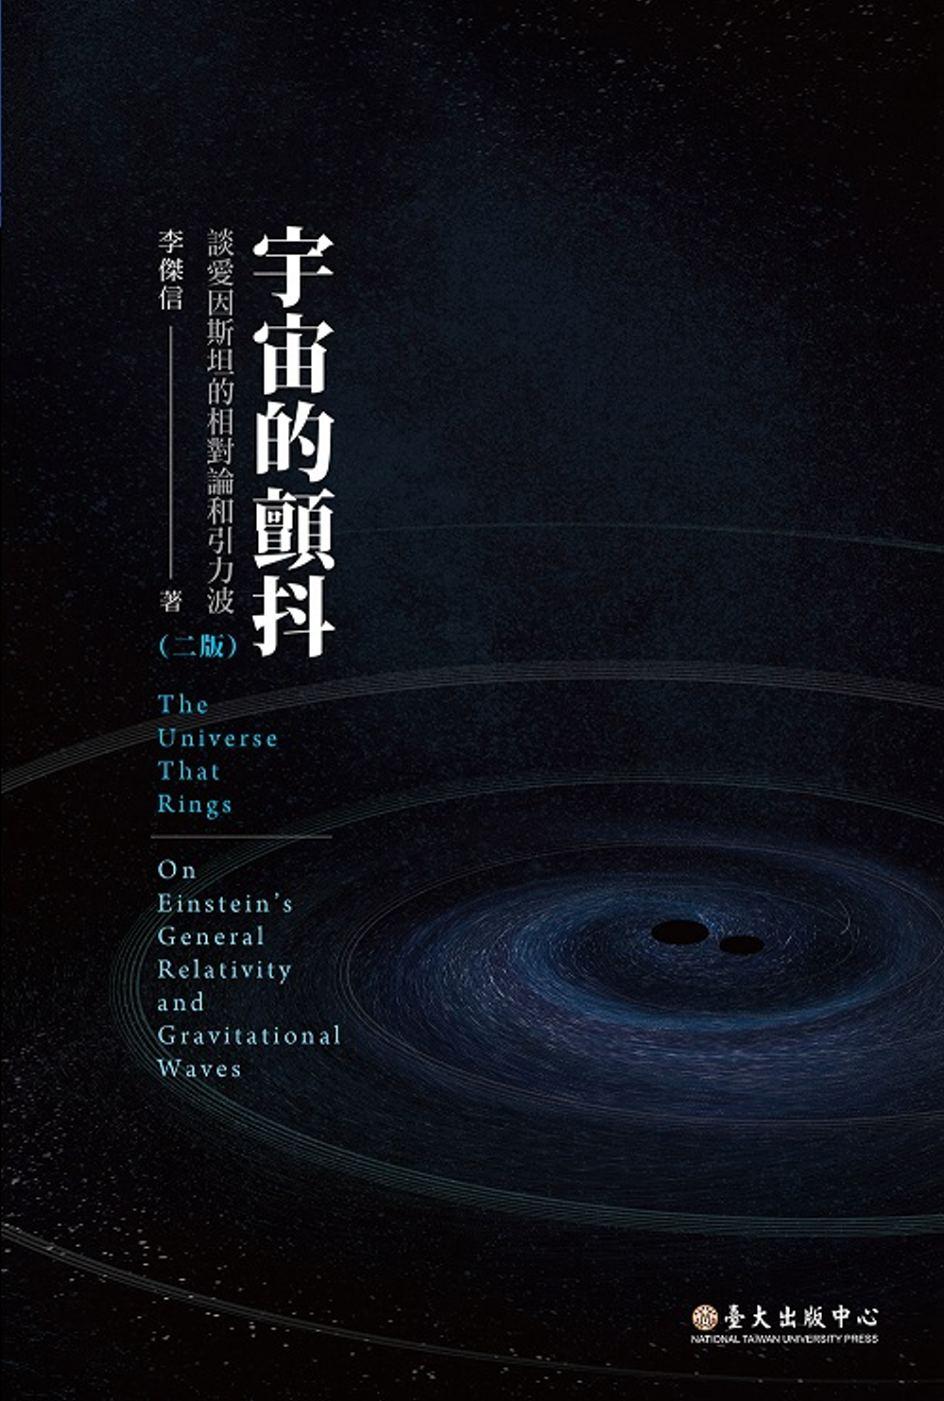 宇宙的顫抖:談愛因斯坦的相對論...